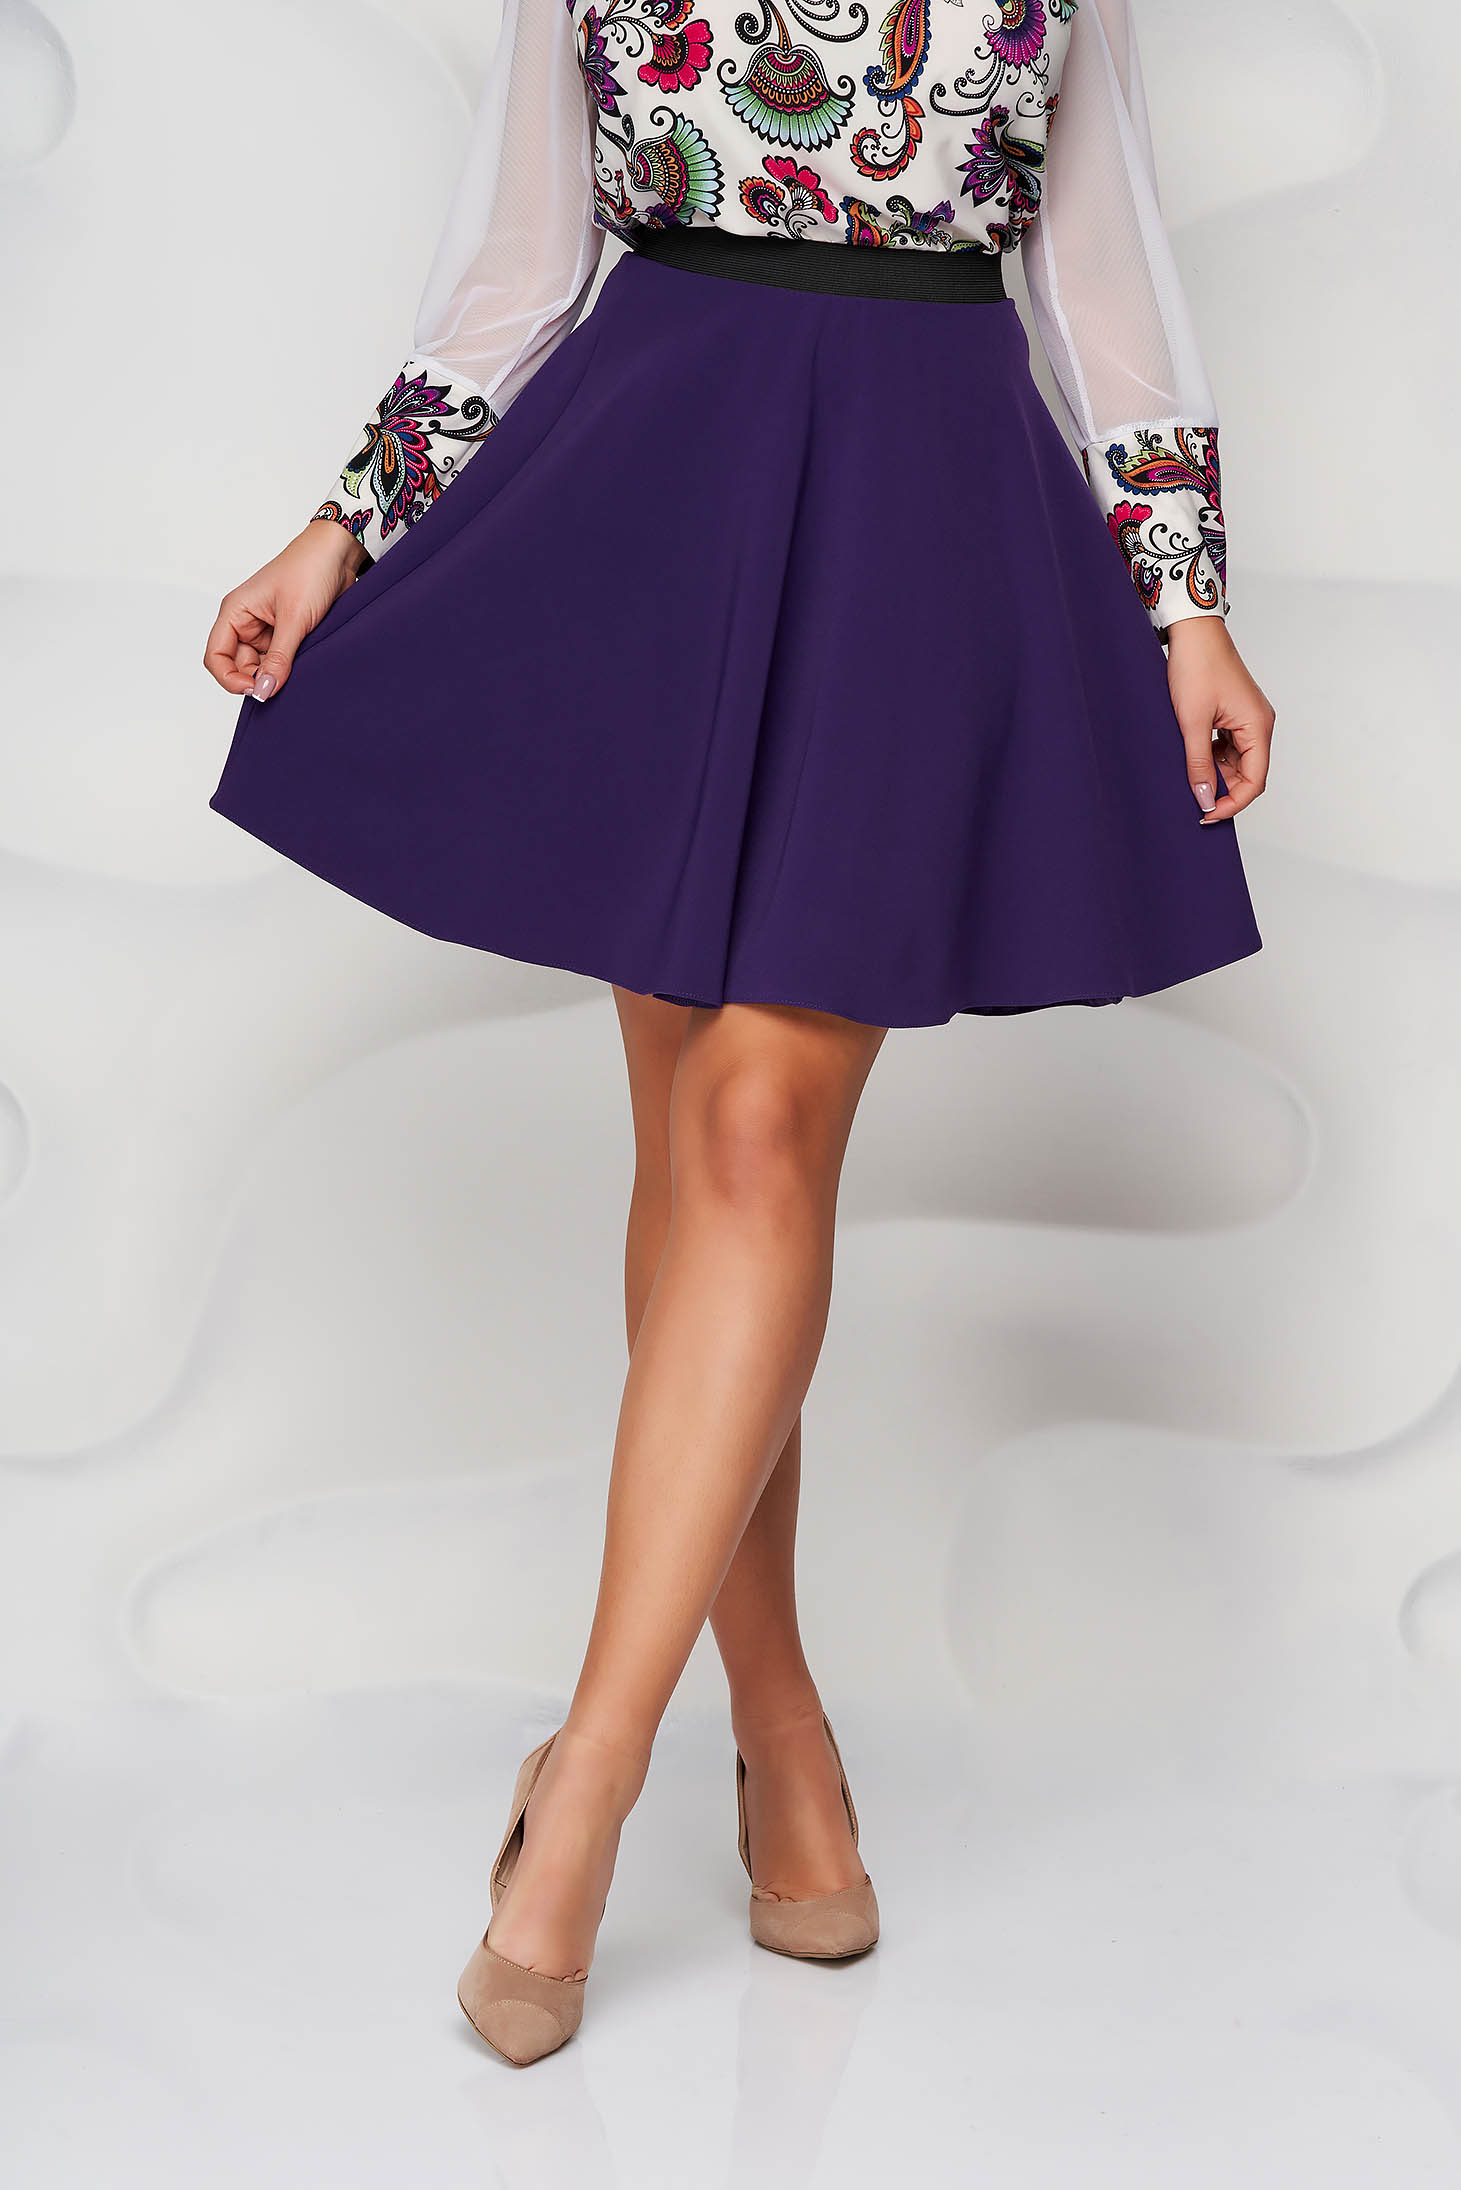 StarShinerS purple skirt cloche with elastic waist